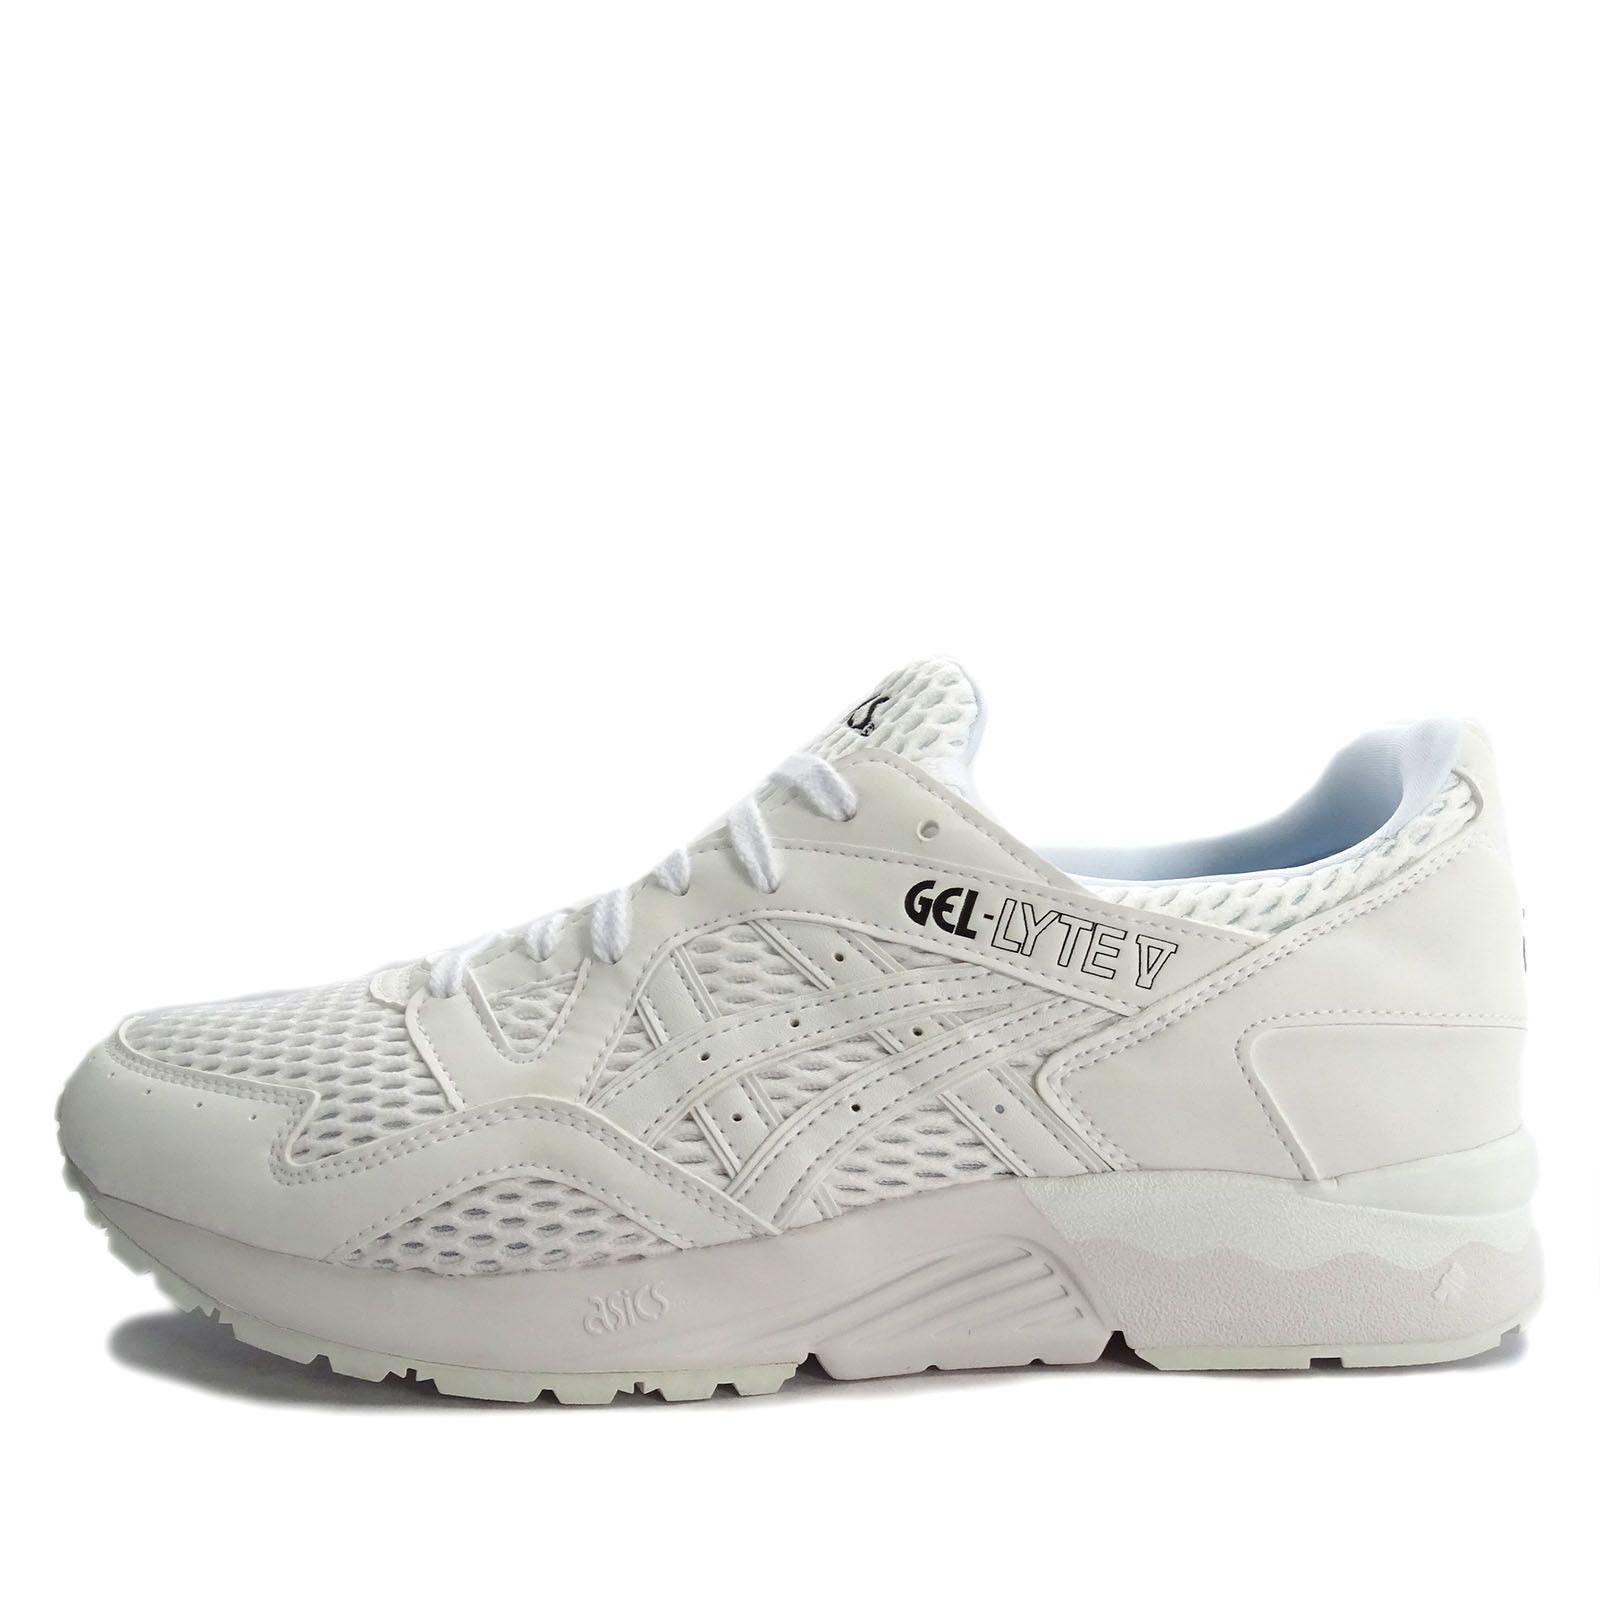 22185b3c6358 Asics Tiger GEL-Lyte V  H7K2N-0101  Men Casual Shoes White White US 9.0